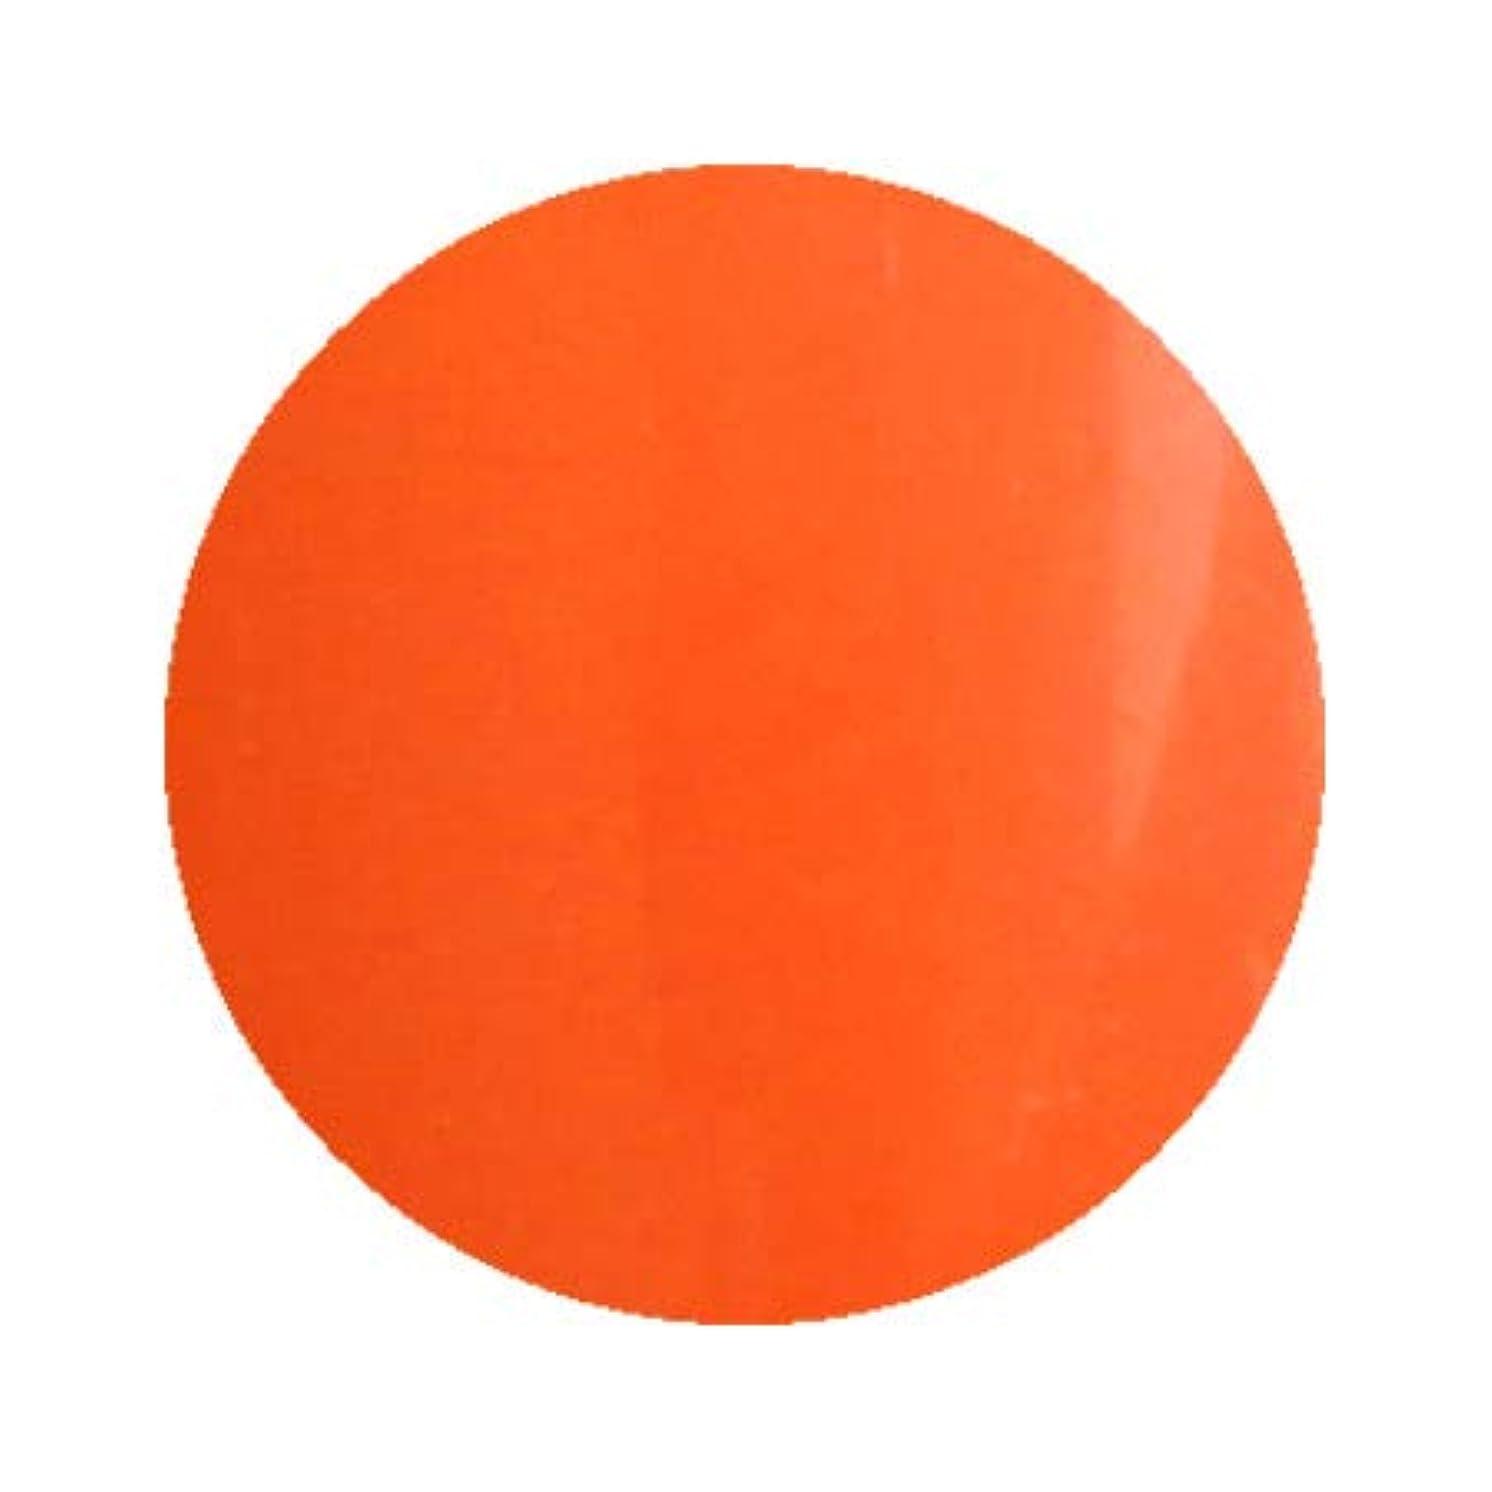 パッケージピークとげのあるInity アイニティ ハイエンドカラー OR-03M サーモンオレンジ 3g